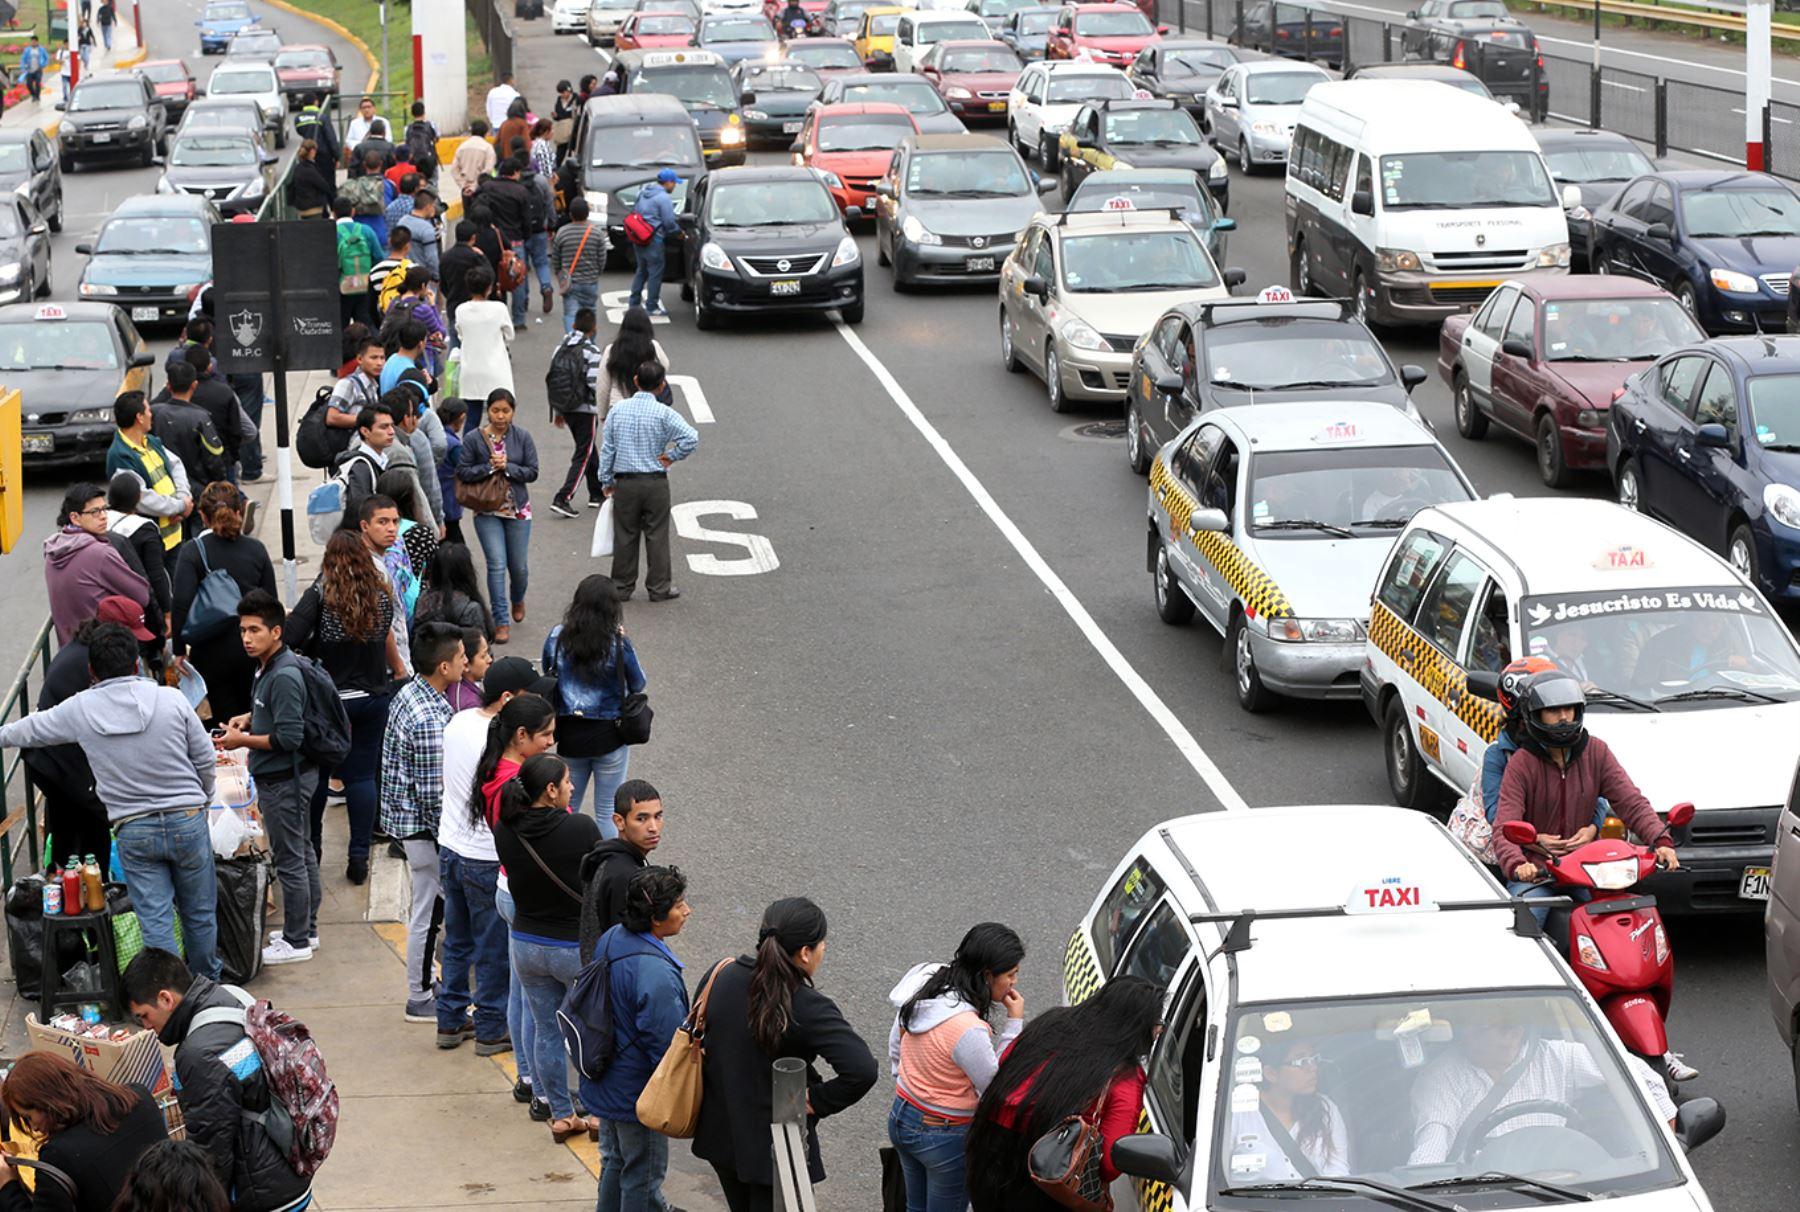 Cerca de 160 empresas de transporte del Callao acatan hoy un paro que está afectando a miles de usuarios que se quejan por la falta de unidades y por el excesivo incremento en las tarifas que cobran algunos transportistas.